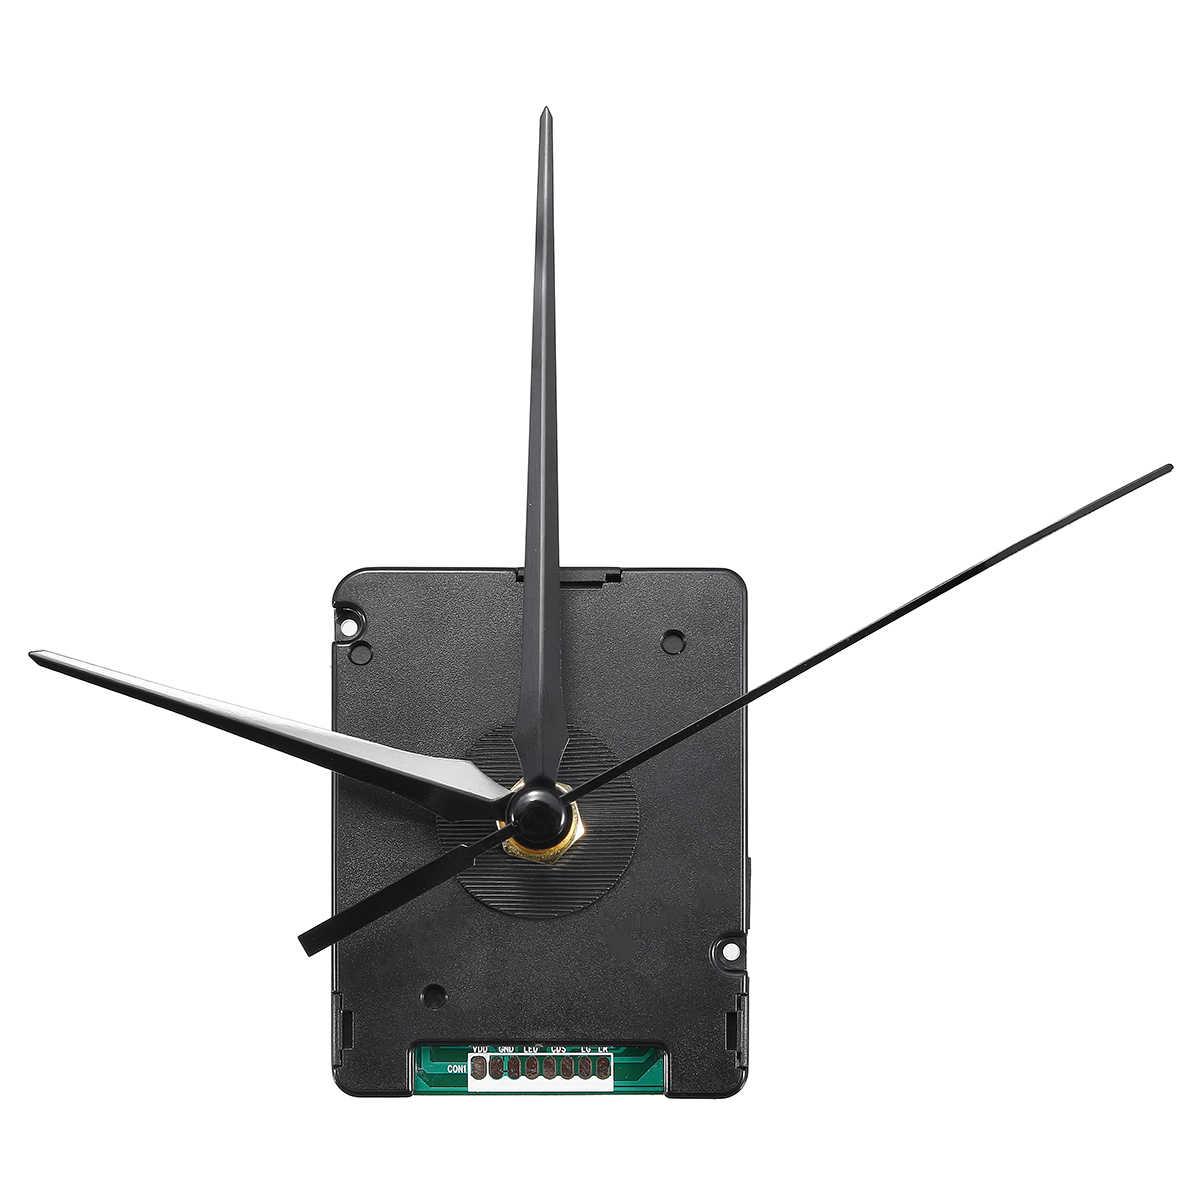 原子電波サイレント時計ムーブメント DIY キットドイツ DCF 信号ヨーロッパ HR9624 プラスチックとアルミ